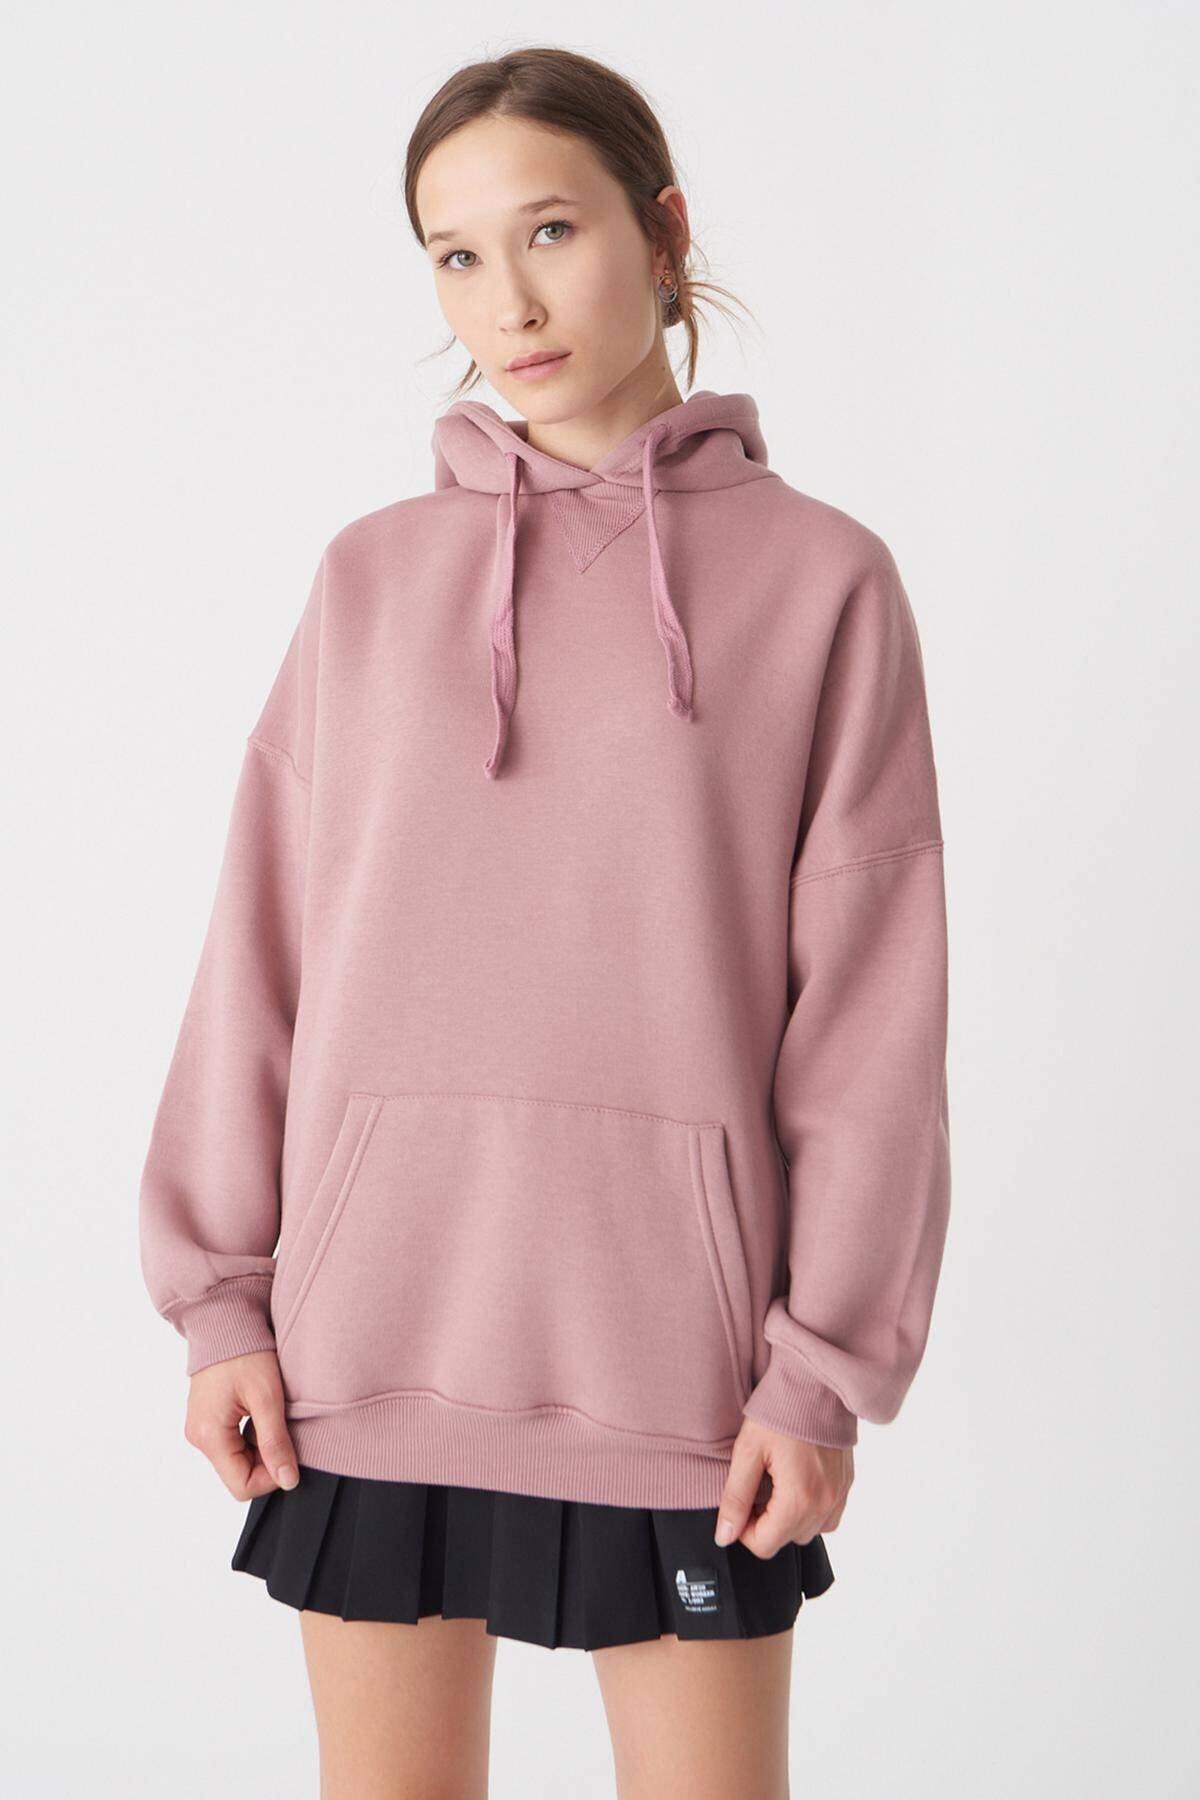 Addax Kadın Koyu Gül Kapüşonlu Sweatshirt S0519 - H7 ADX-0000014040 2